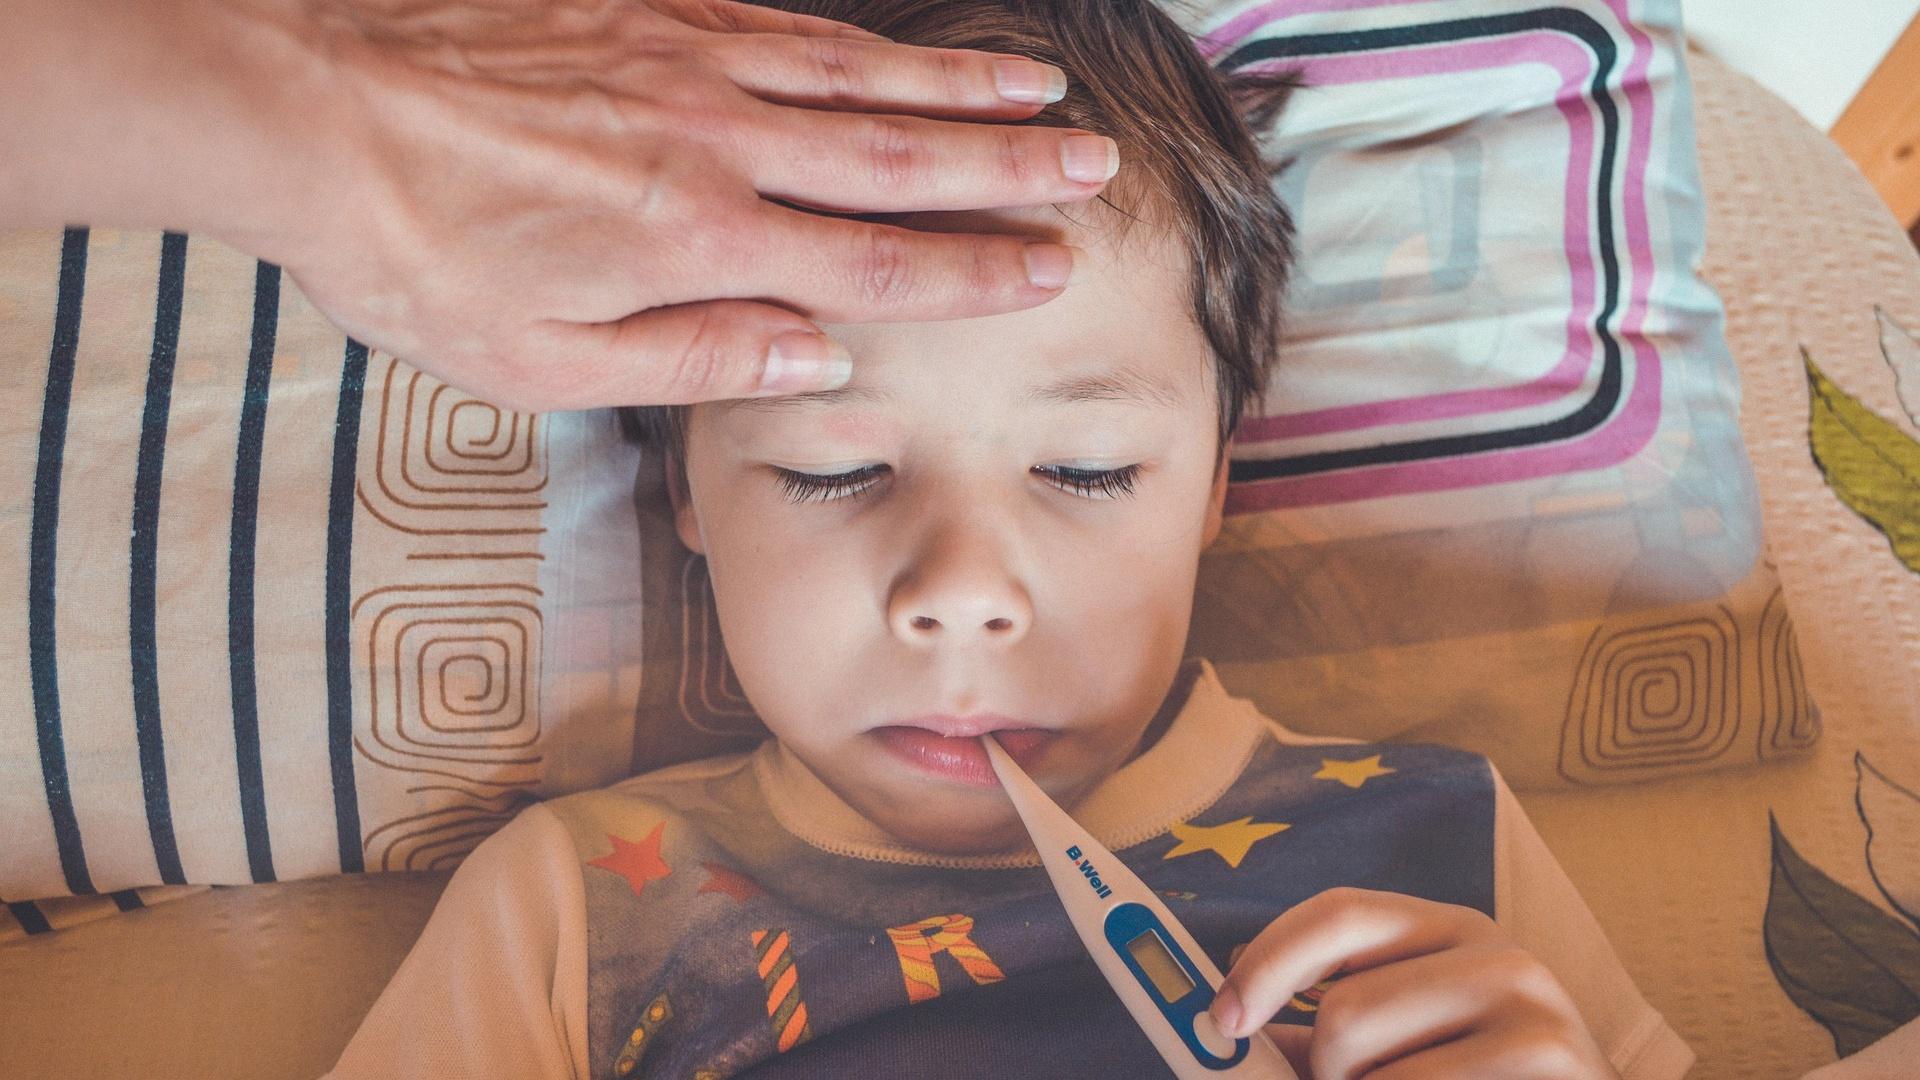 Ganzer Körper ist heiß, aber kein Fieber: Das steckt beim Kind dahinter